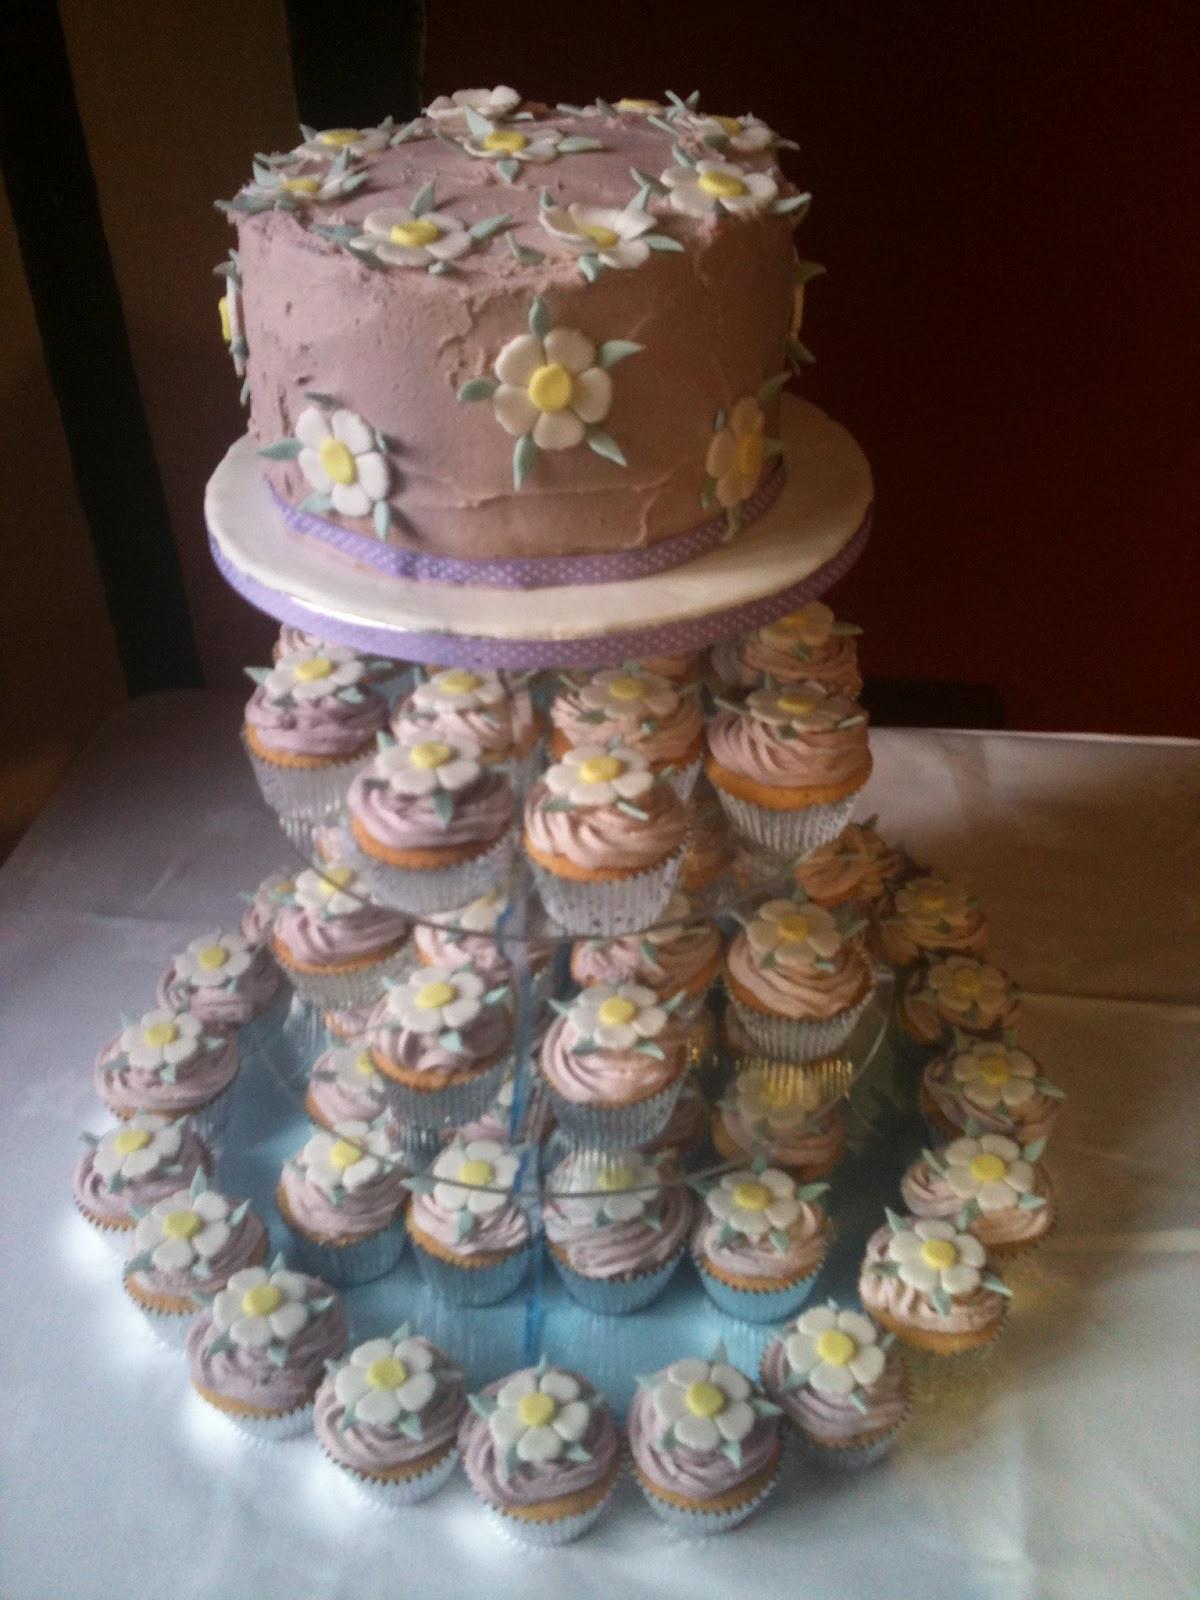 Sam Club Bakery Wedding Cakes  Sam club wedding cakes idea in 2017